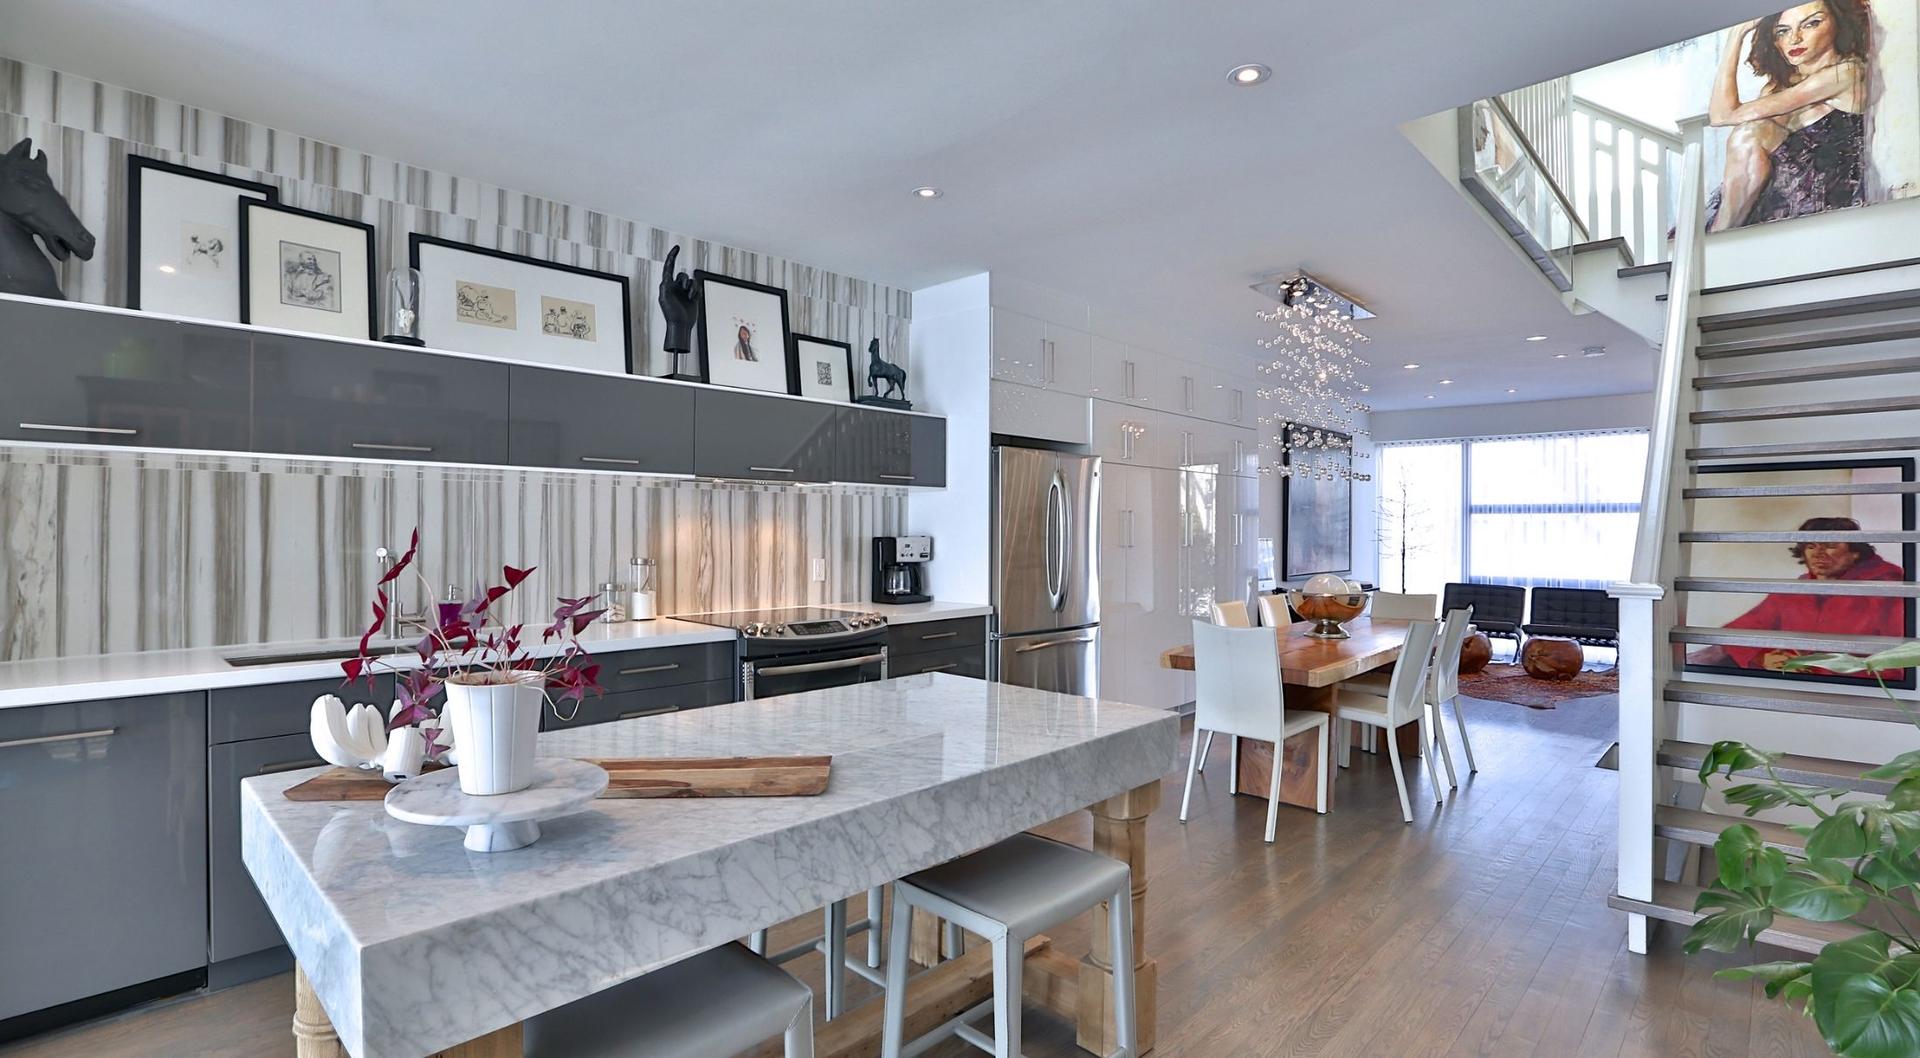 Erfreut Ikea Küche Toronto Design Show Ideen - Ideen Für Die Küche ...